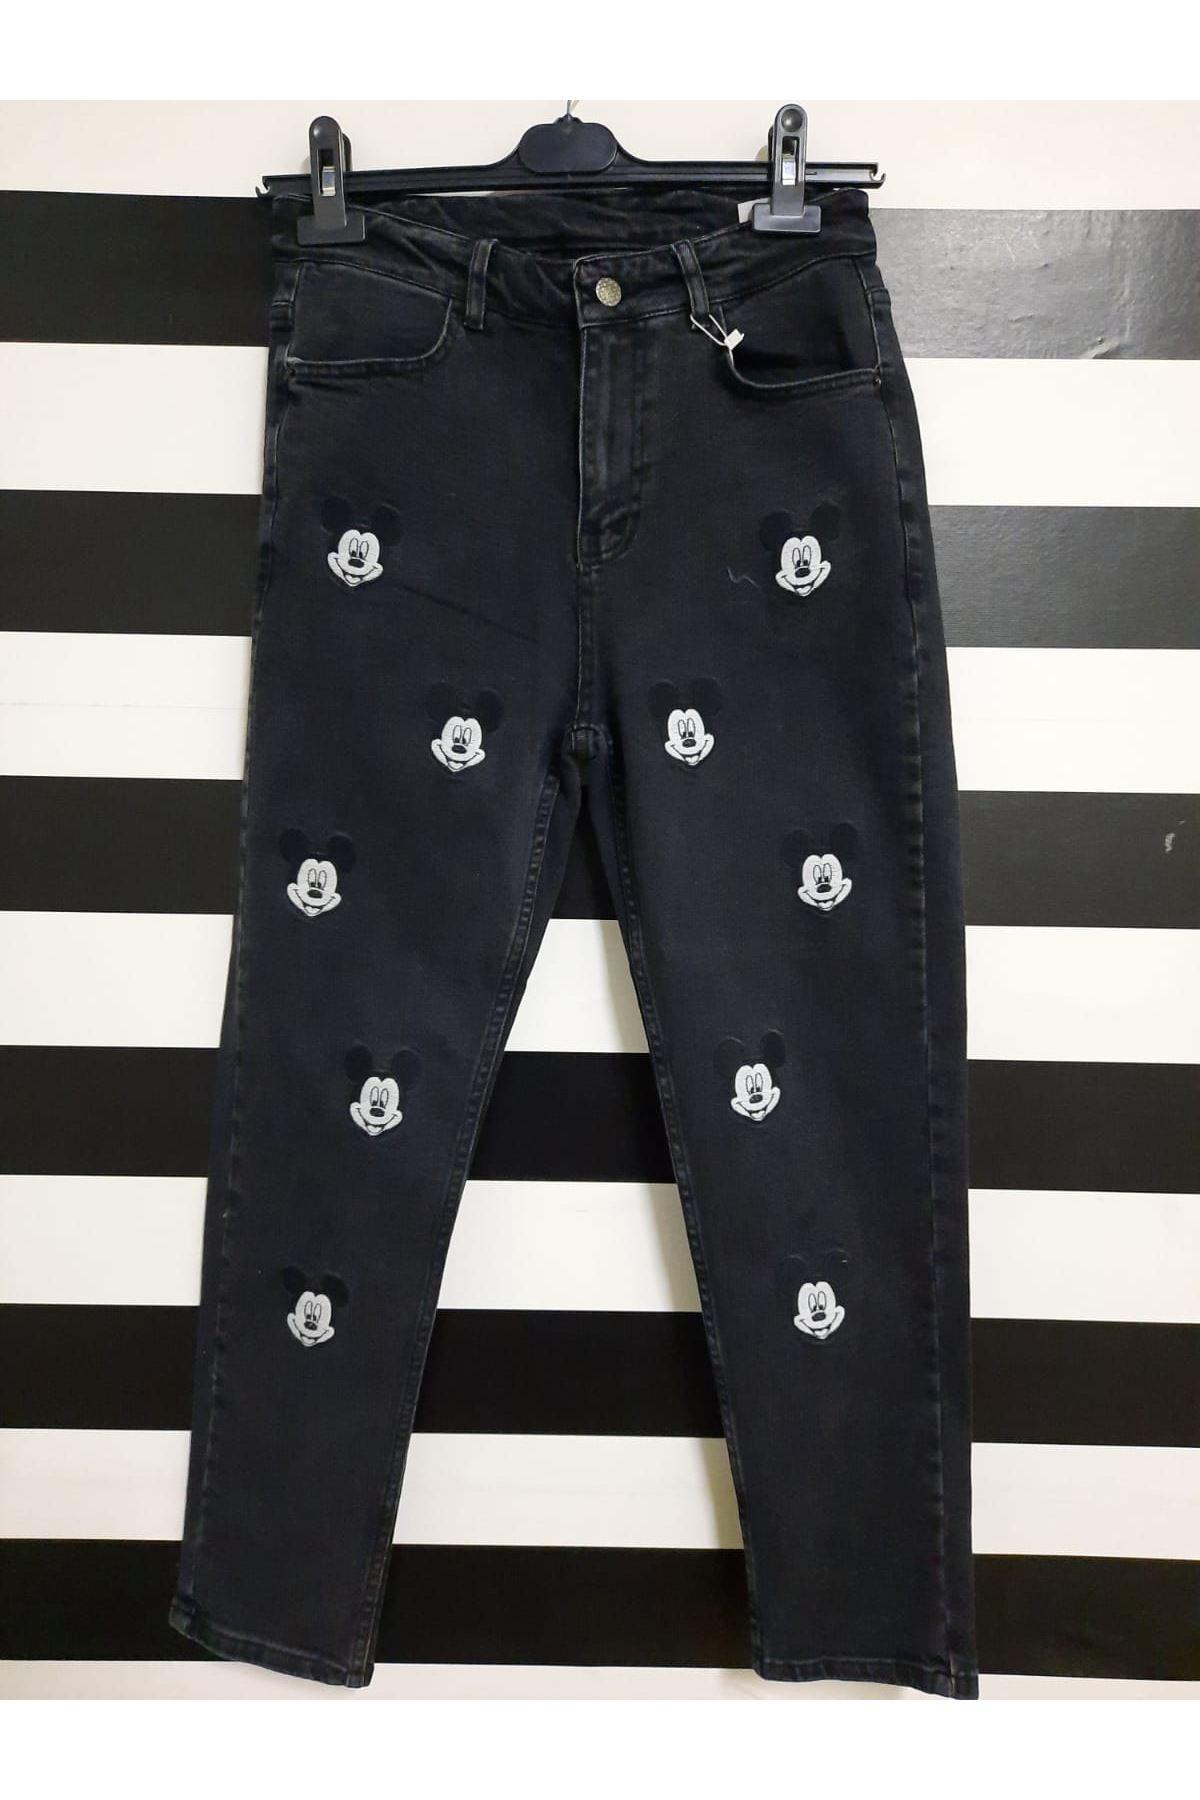 MCK Baskılı Kot Pantolon - SİYAH